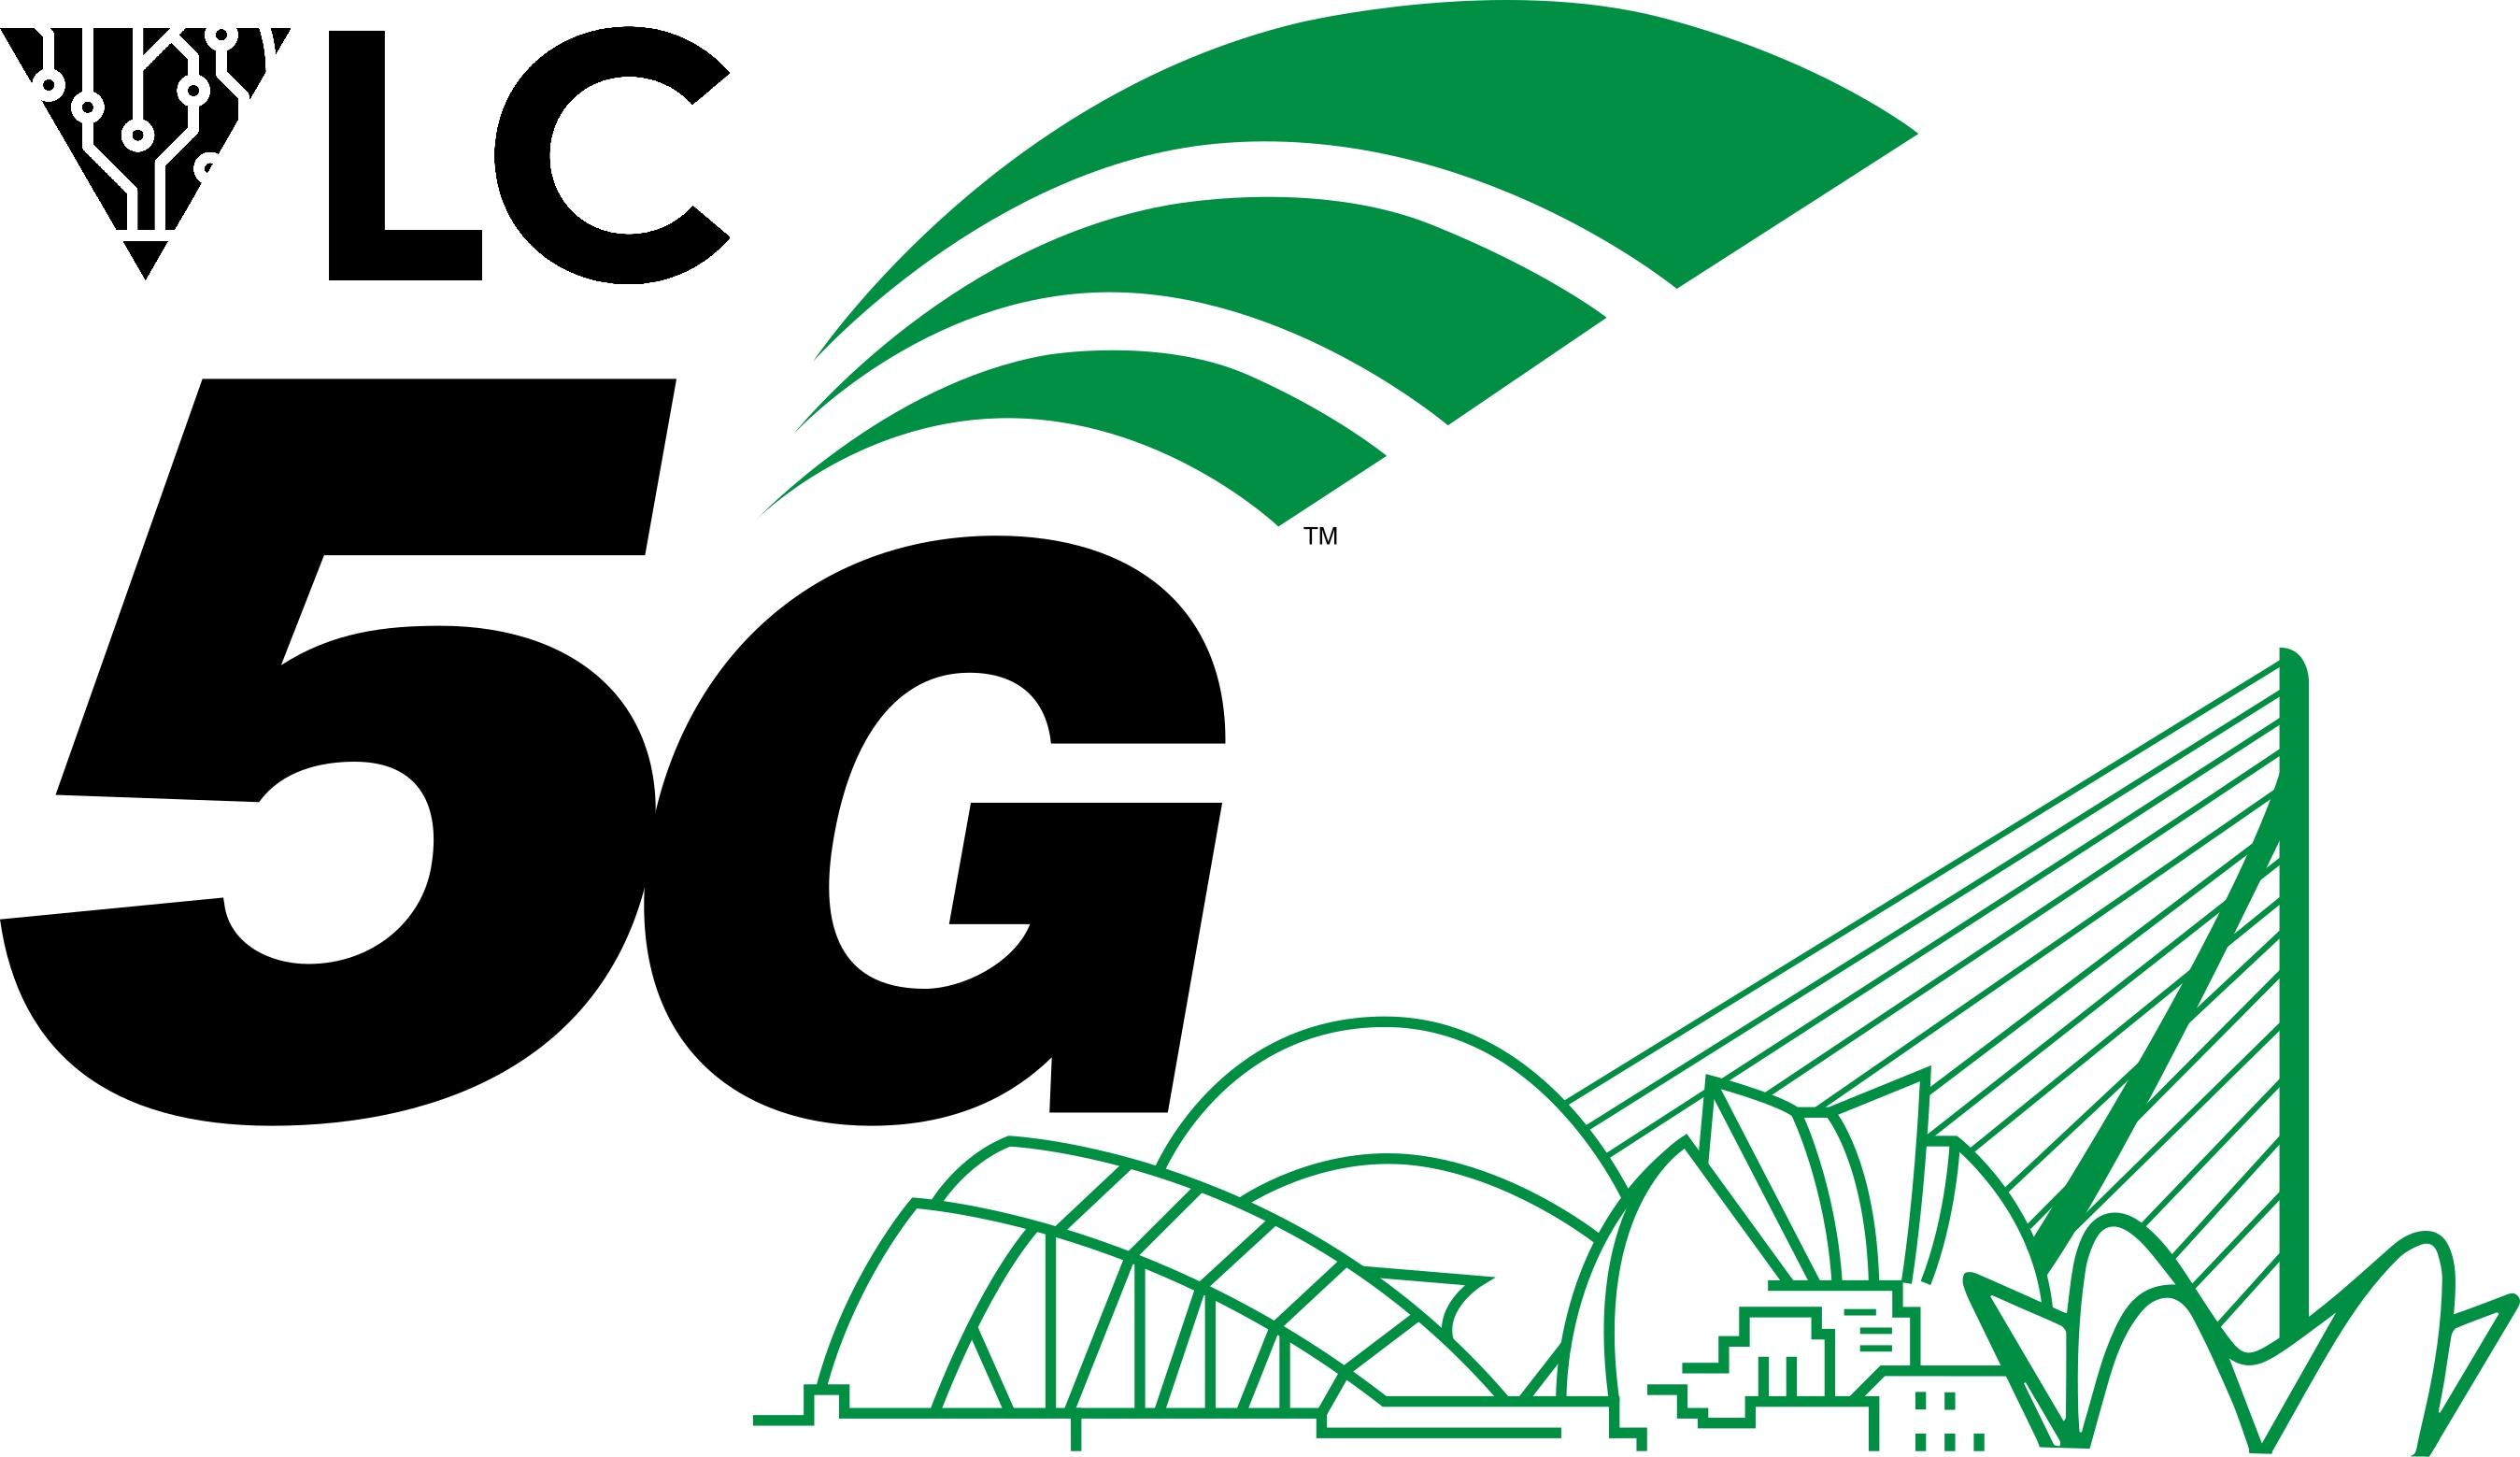 VLC-CAMPUS 5G